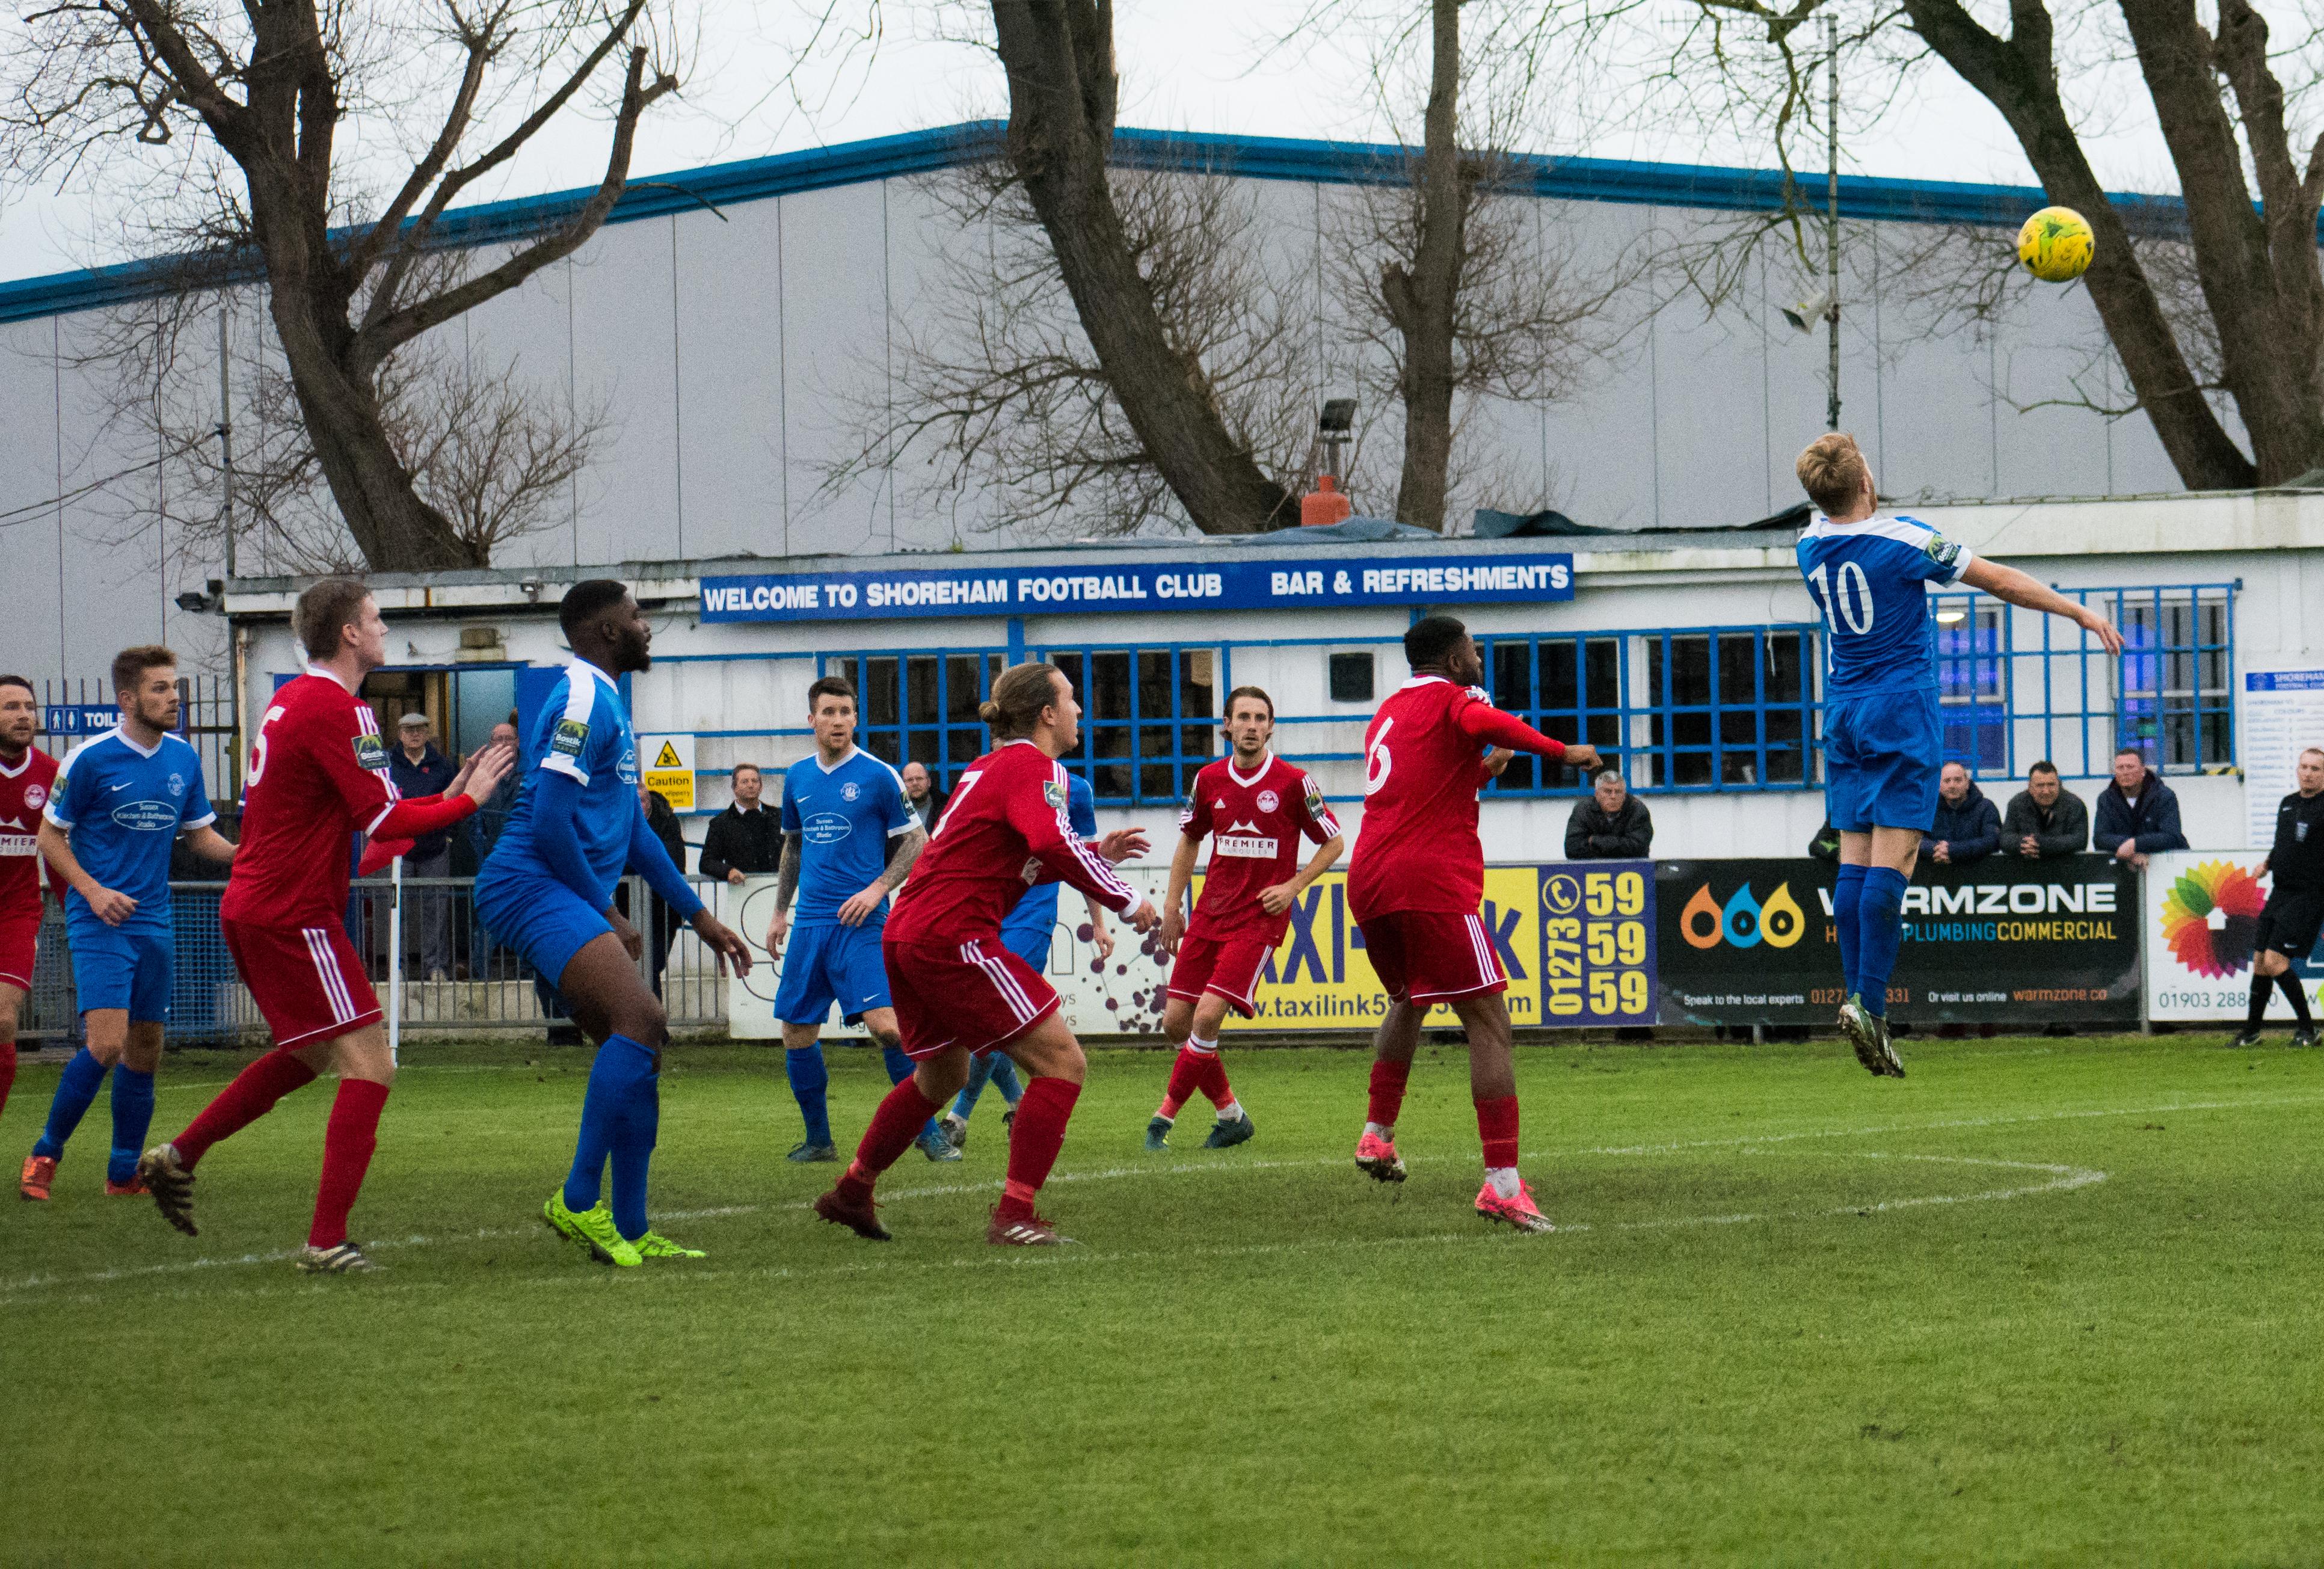 Shoreham FC vs Hythe Town 11.11.17 52